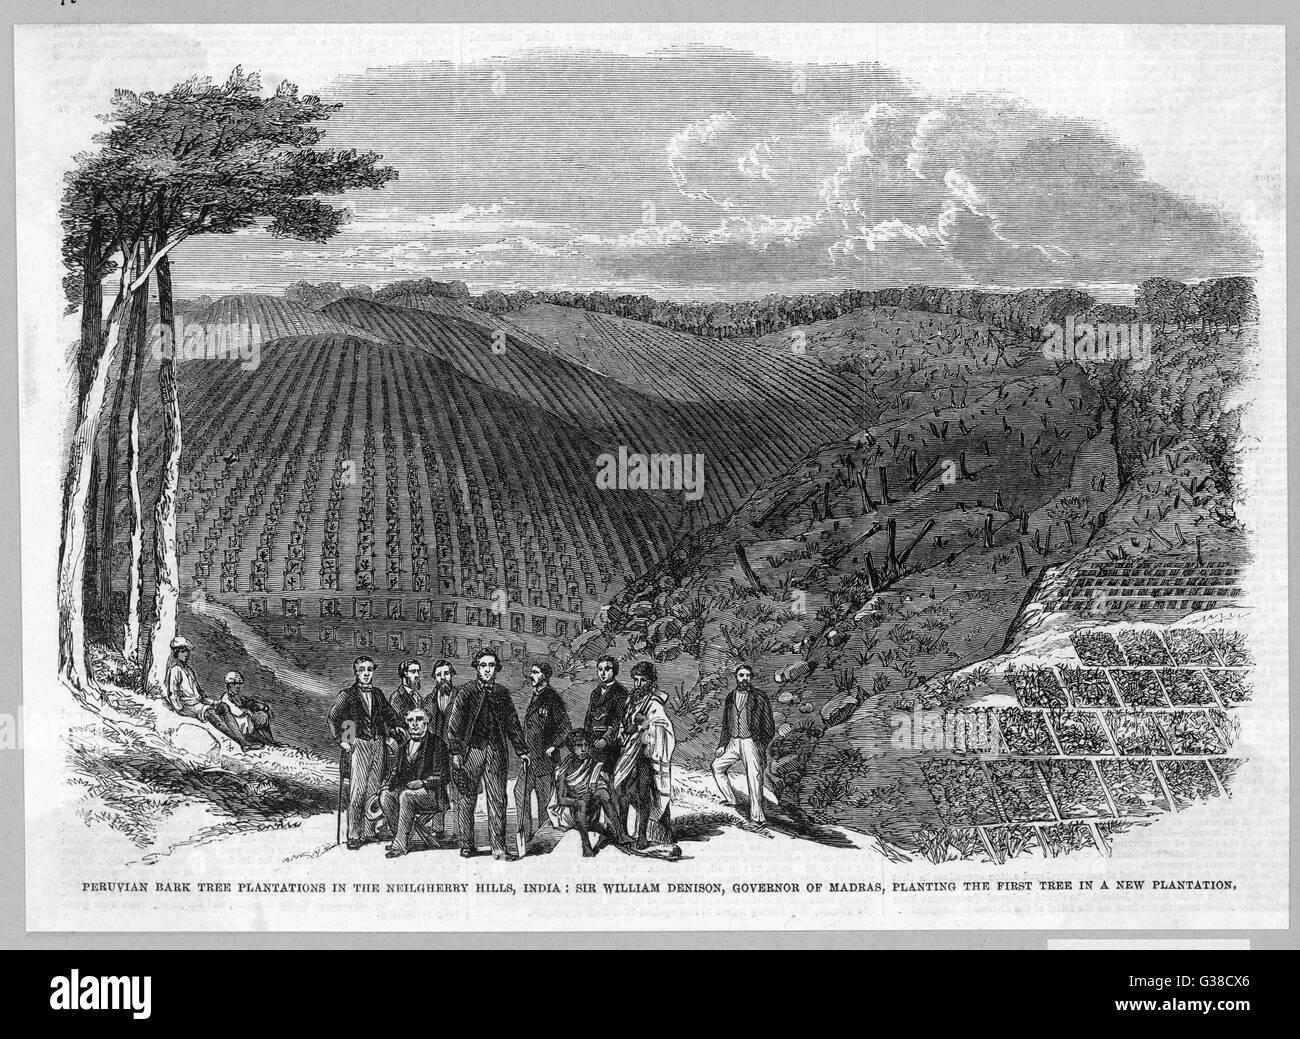 Una piantagione di china - peruviani o dei Gesuiti - corteccia in Nilgiri Hills, Stato federato di Tamil Nadu, India Immagini Stock